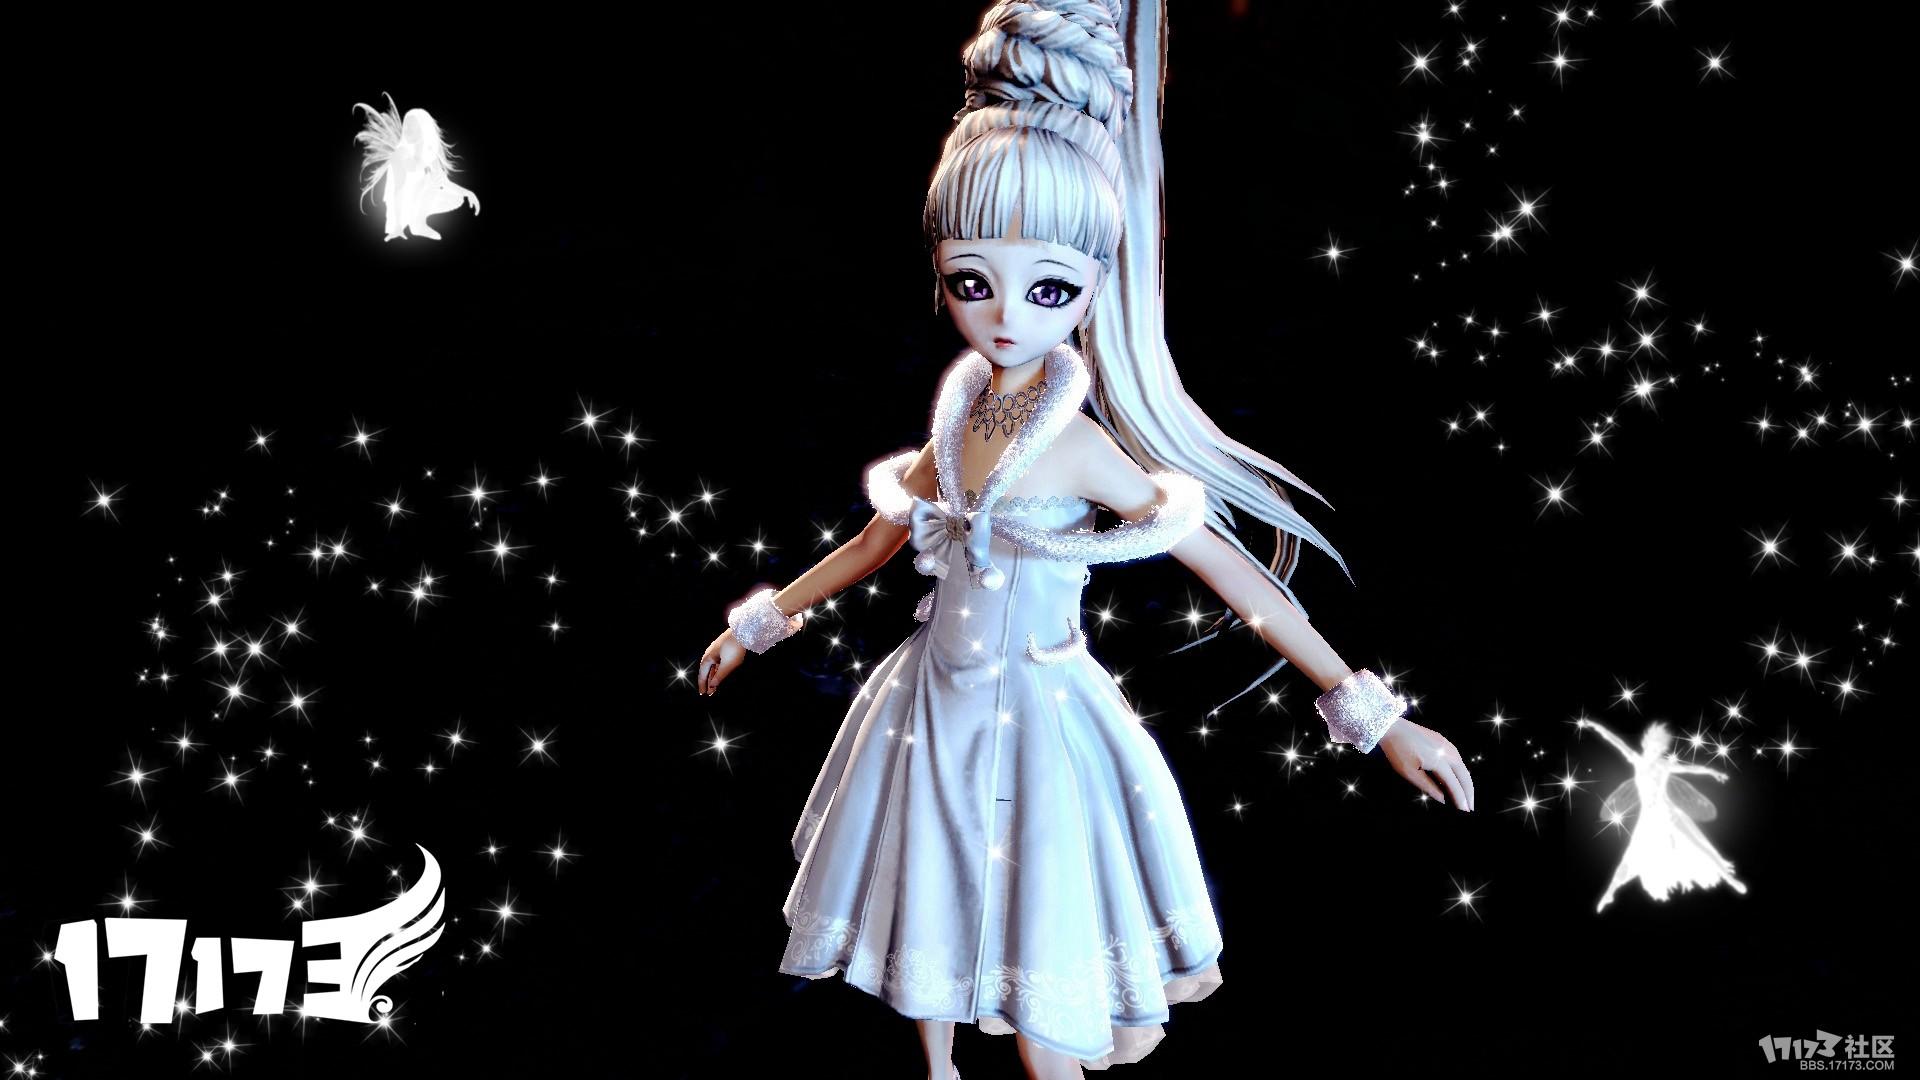 剑灵时装补丁下载 灵族可爱清纯连衣裙